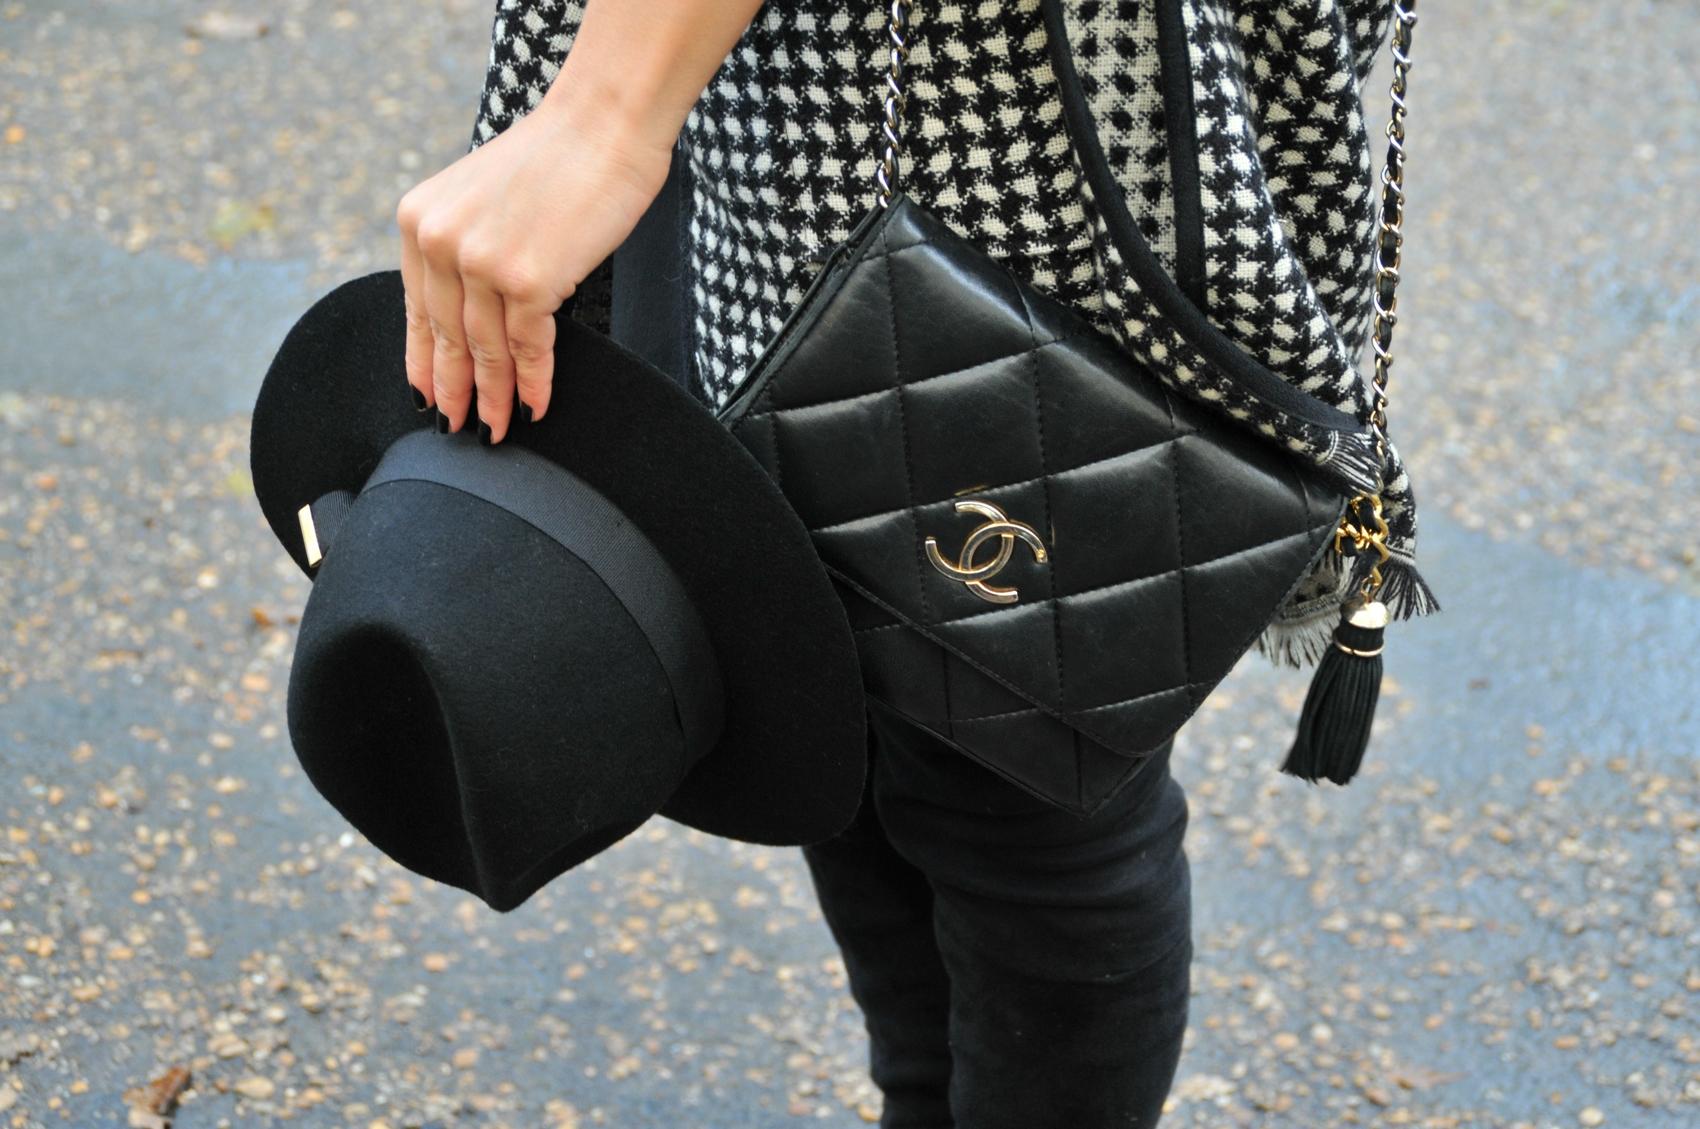 vintage chanel handbag over knee boots vintage black fedora hat